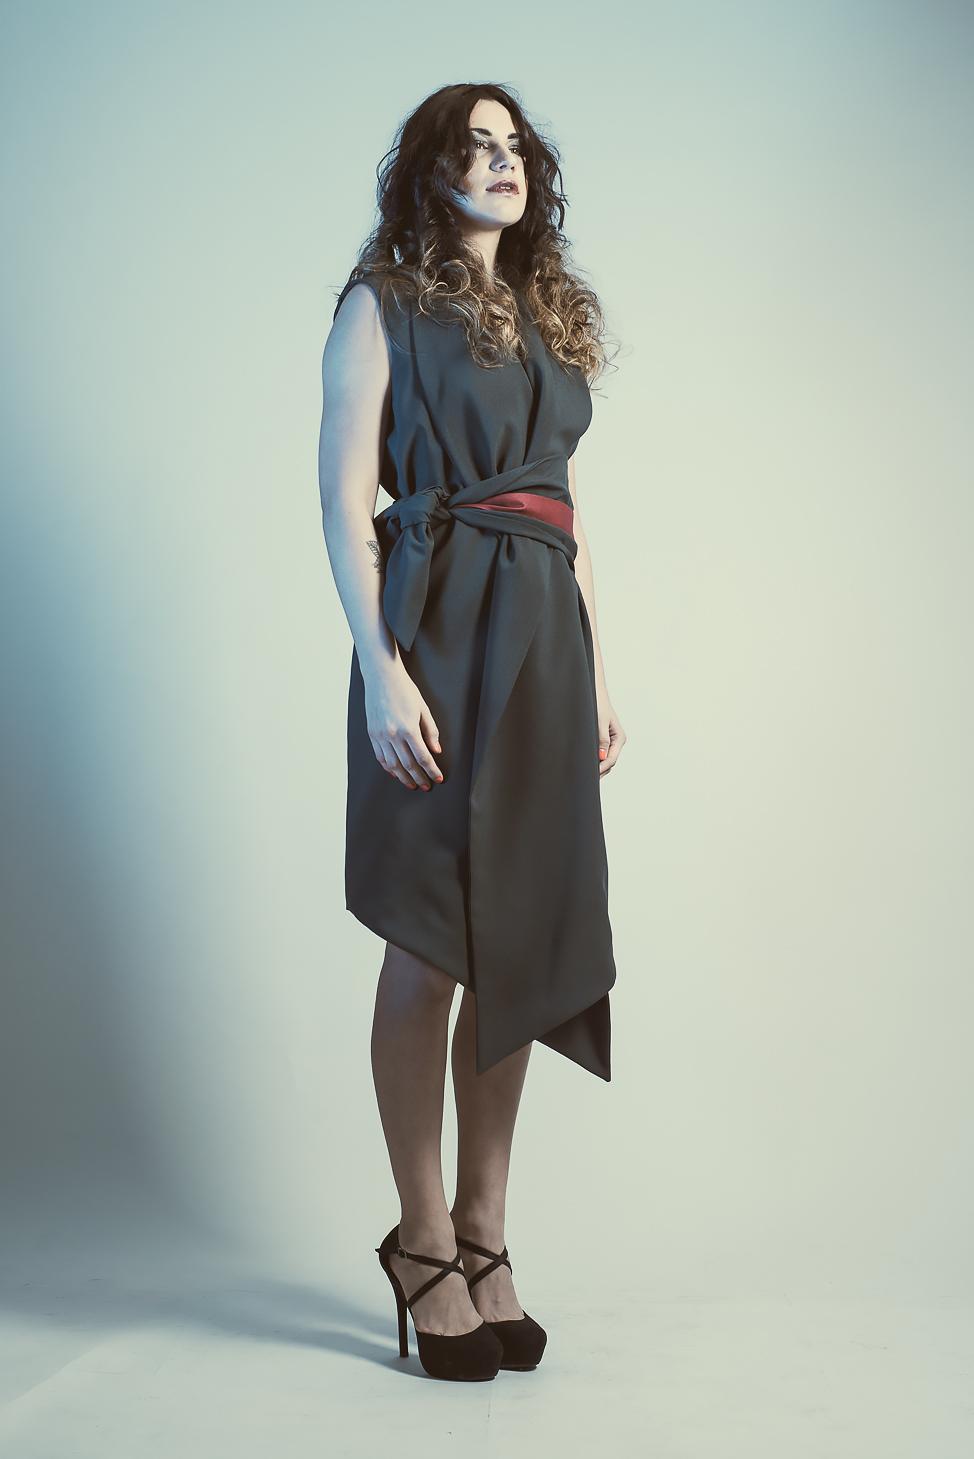 zaramia-ava-zaramiaava-leeds-fashion-designer-ethical-sustainable-tailored-minimalist-emika-grey-black-red-belt-versatile-drape-cowl-styling-womenswear-models-photoshoot-shrine-hairdressers-76